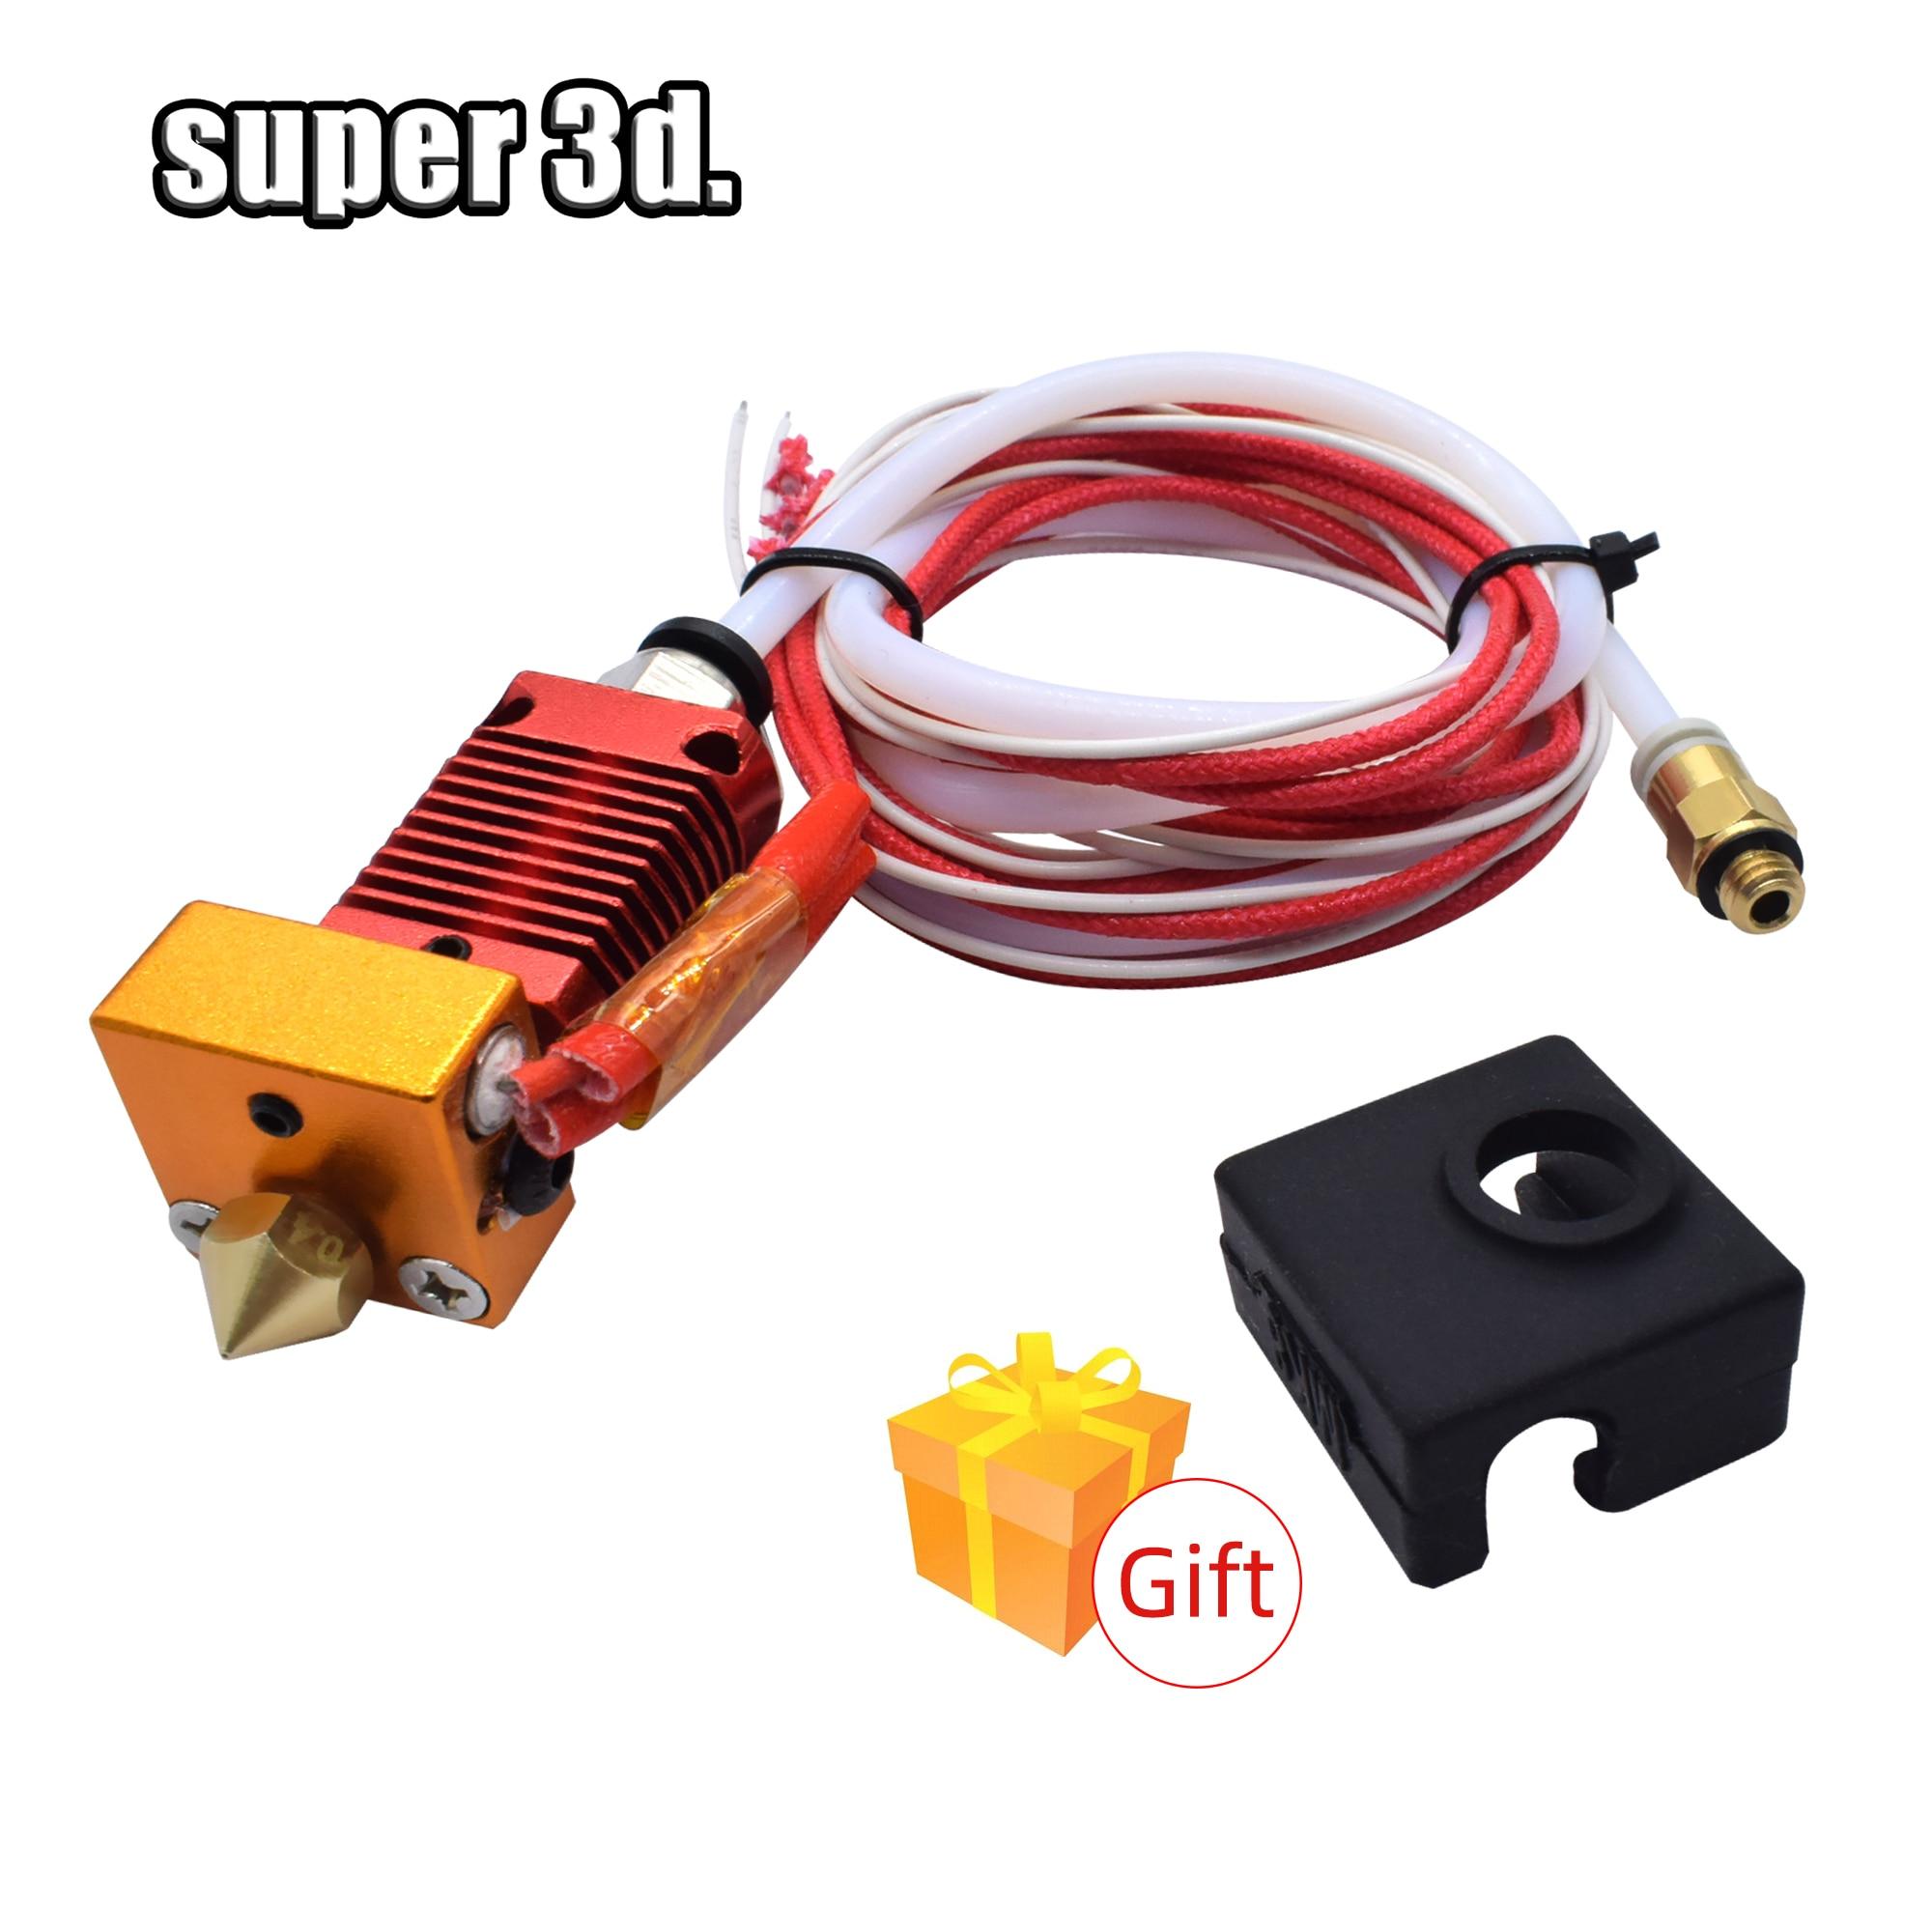 3D Volle Metall J-kopf CR10 Hotend Extruder Kit Hot End Kit für Ender-3 CR10 10s Bowden Extruder 12/24V 40W 3D Drucker Teile